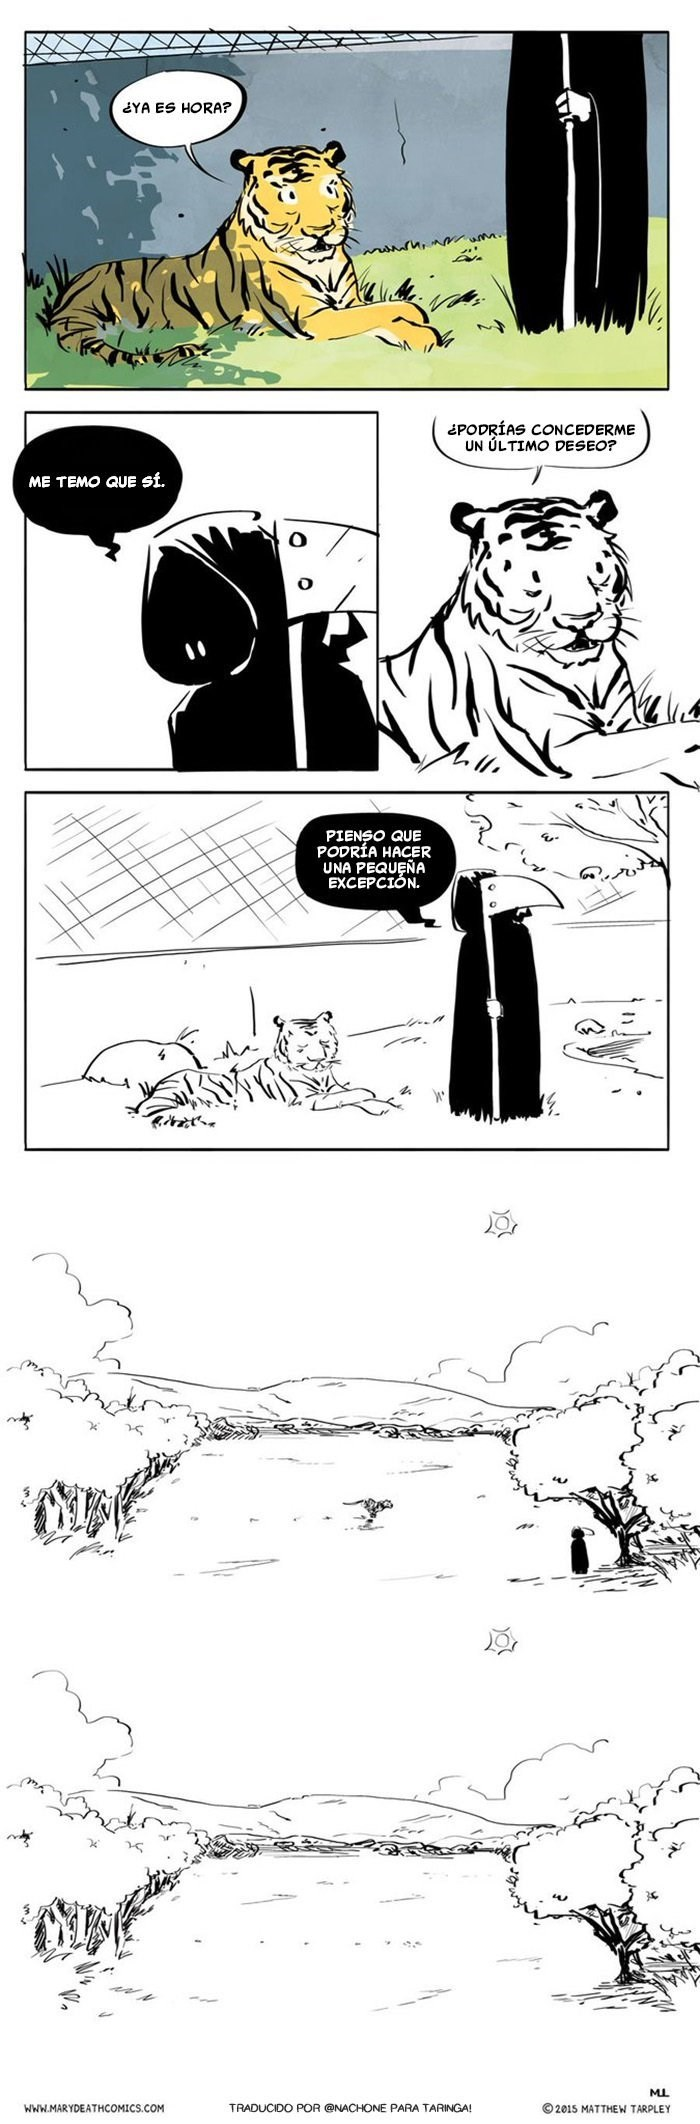 el momento en el que la muerte llega a llevarse a un tigre